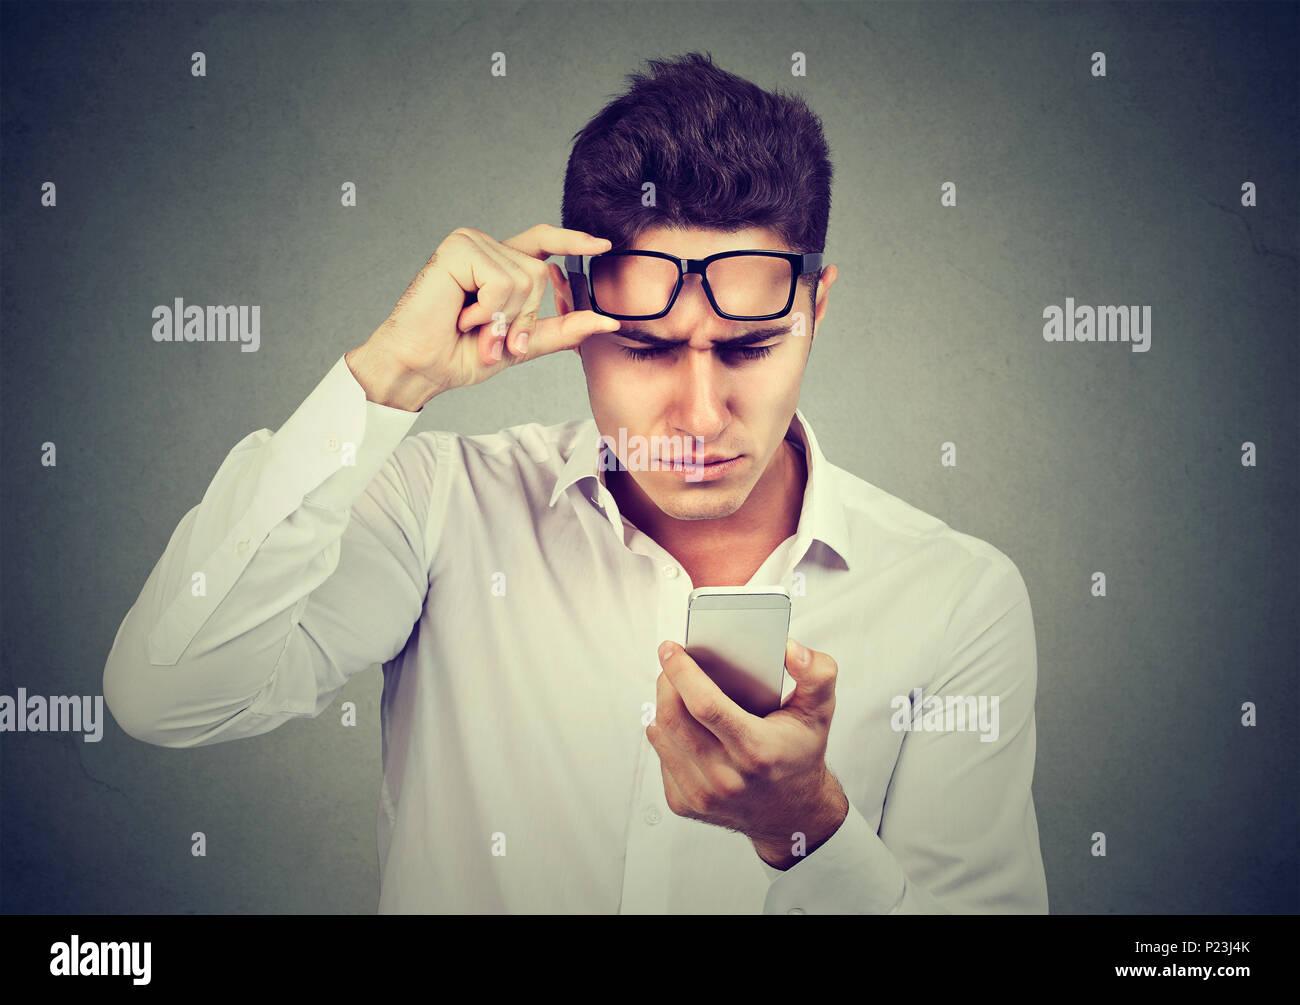 Jeune homme avec des lunettes ayant de la difficulté à voir cell phone a des problèmes de vision. Mauvais message texte. L'émotion humaine perception Photo Stock